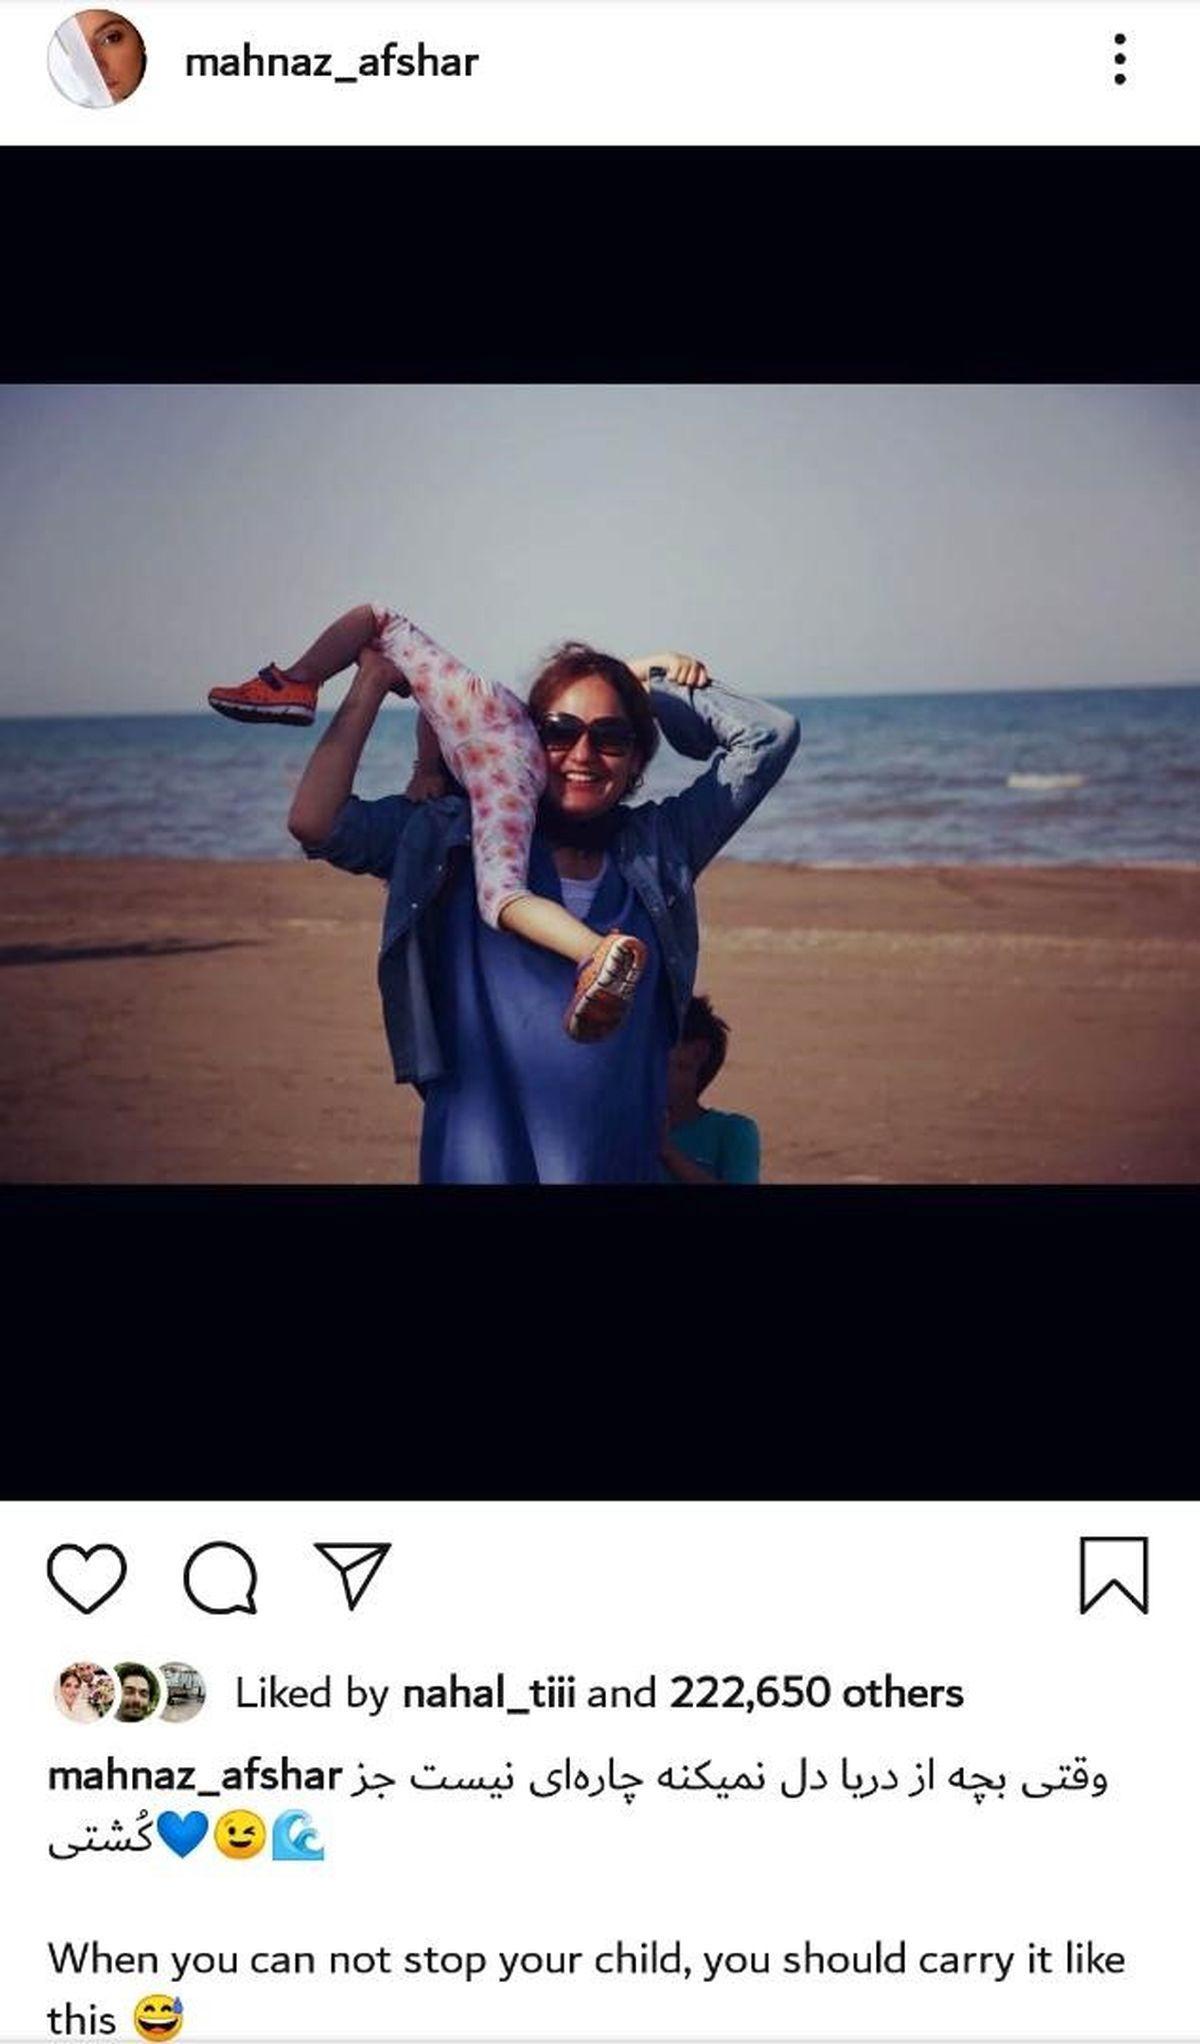 پست بی حجاب و نامتعارف مهناز افشار لب ساحل + عکس لورفته